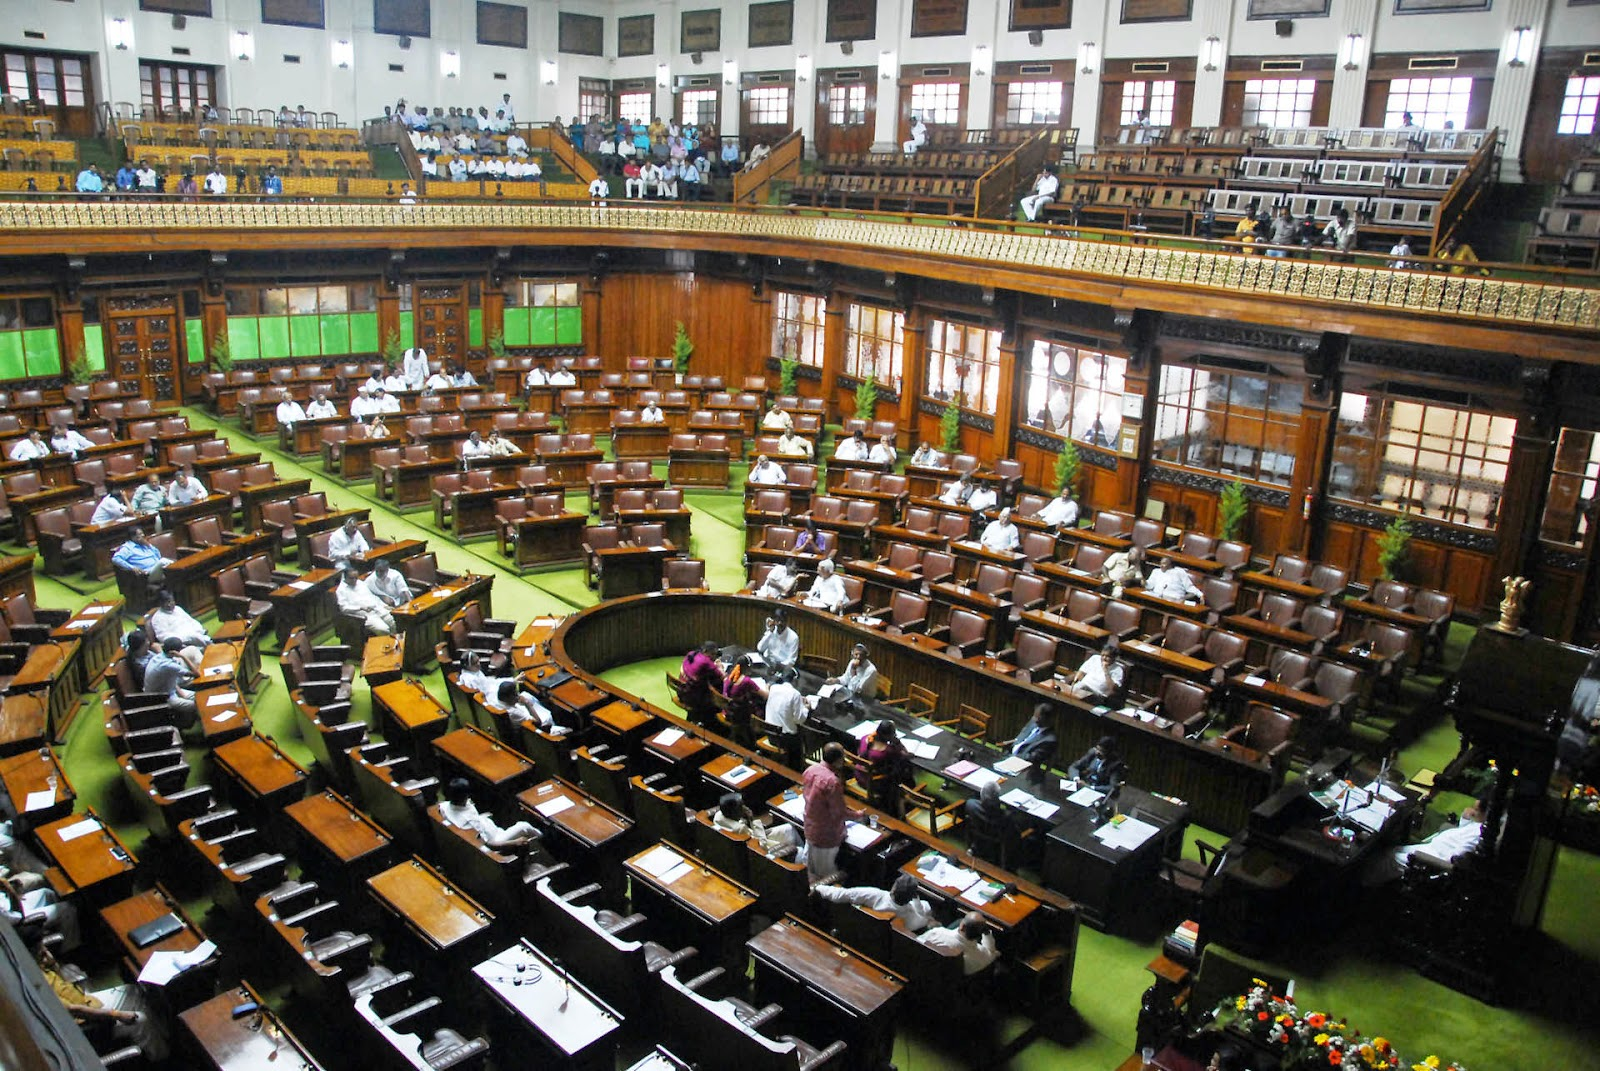 लोक सभा, भारतीय संसद का निचला सदन है। भारतीय संसद का ऊपरी सदन राज्य सभा है।